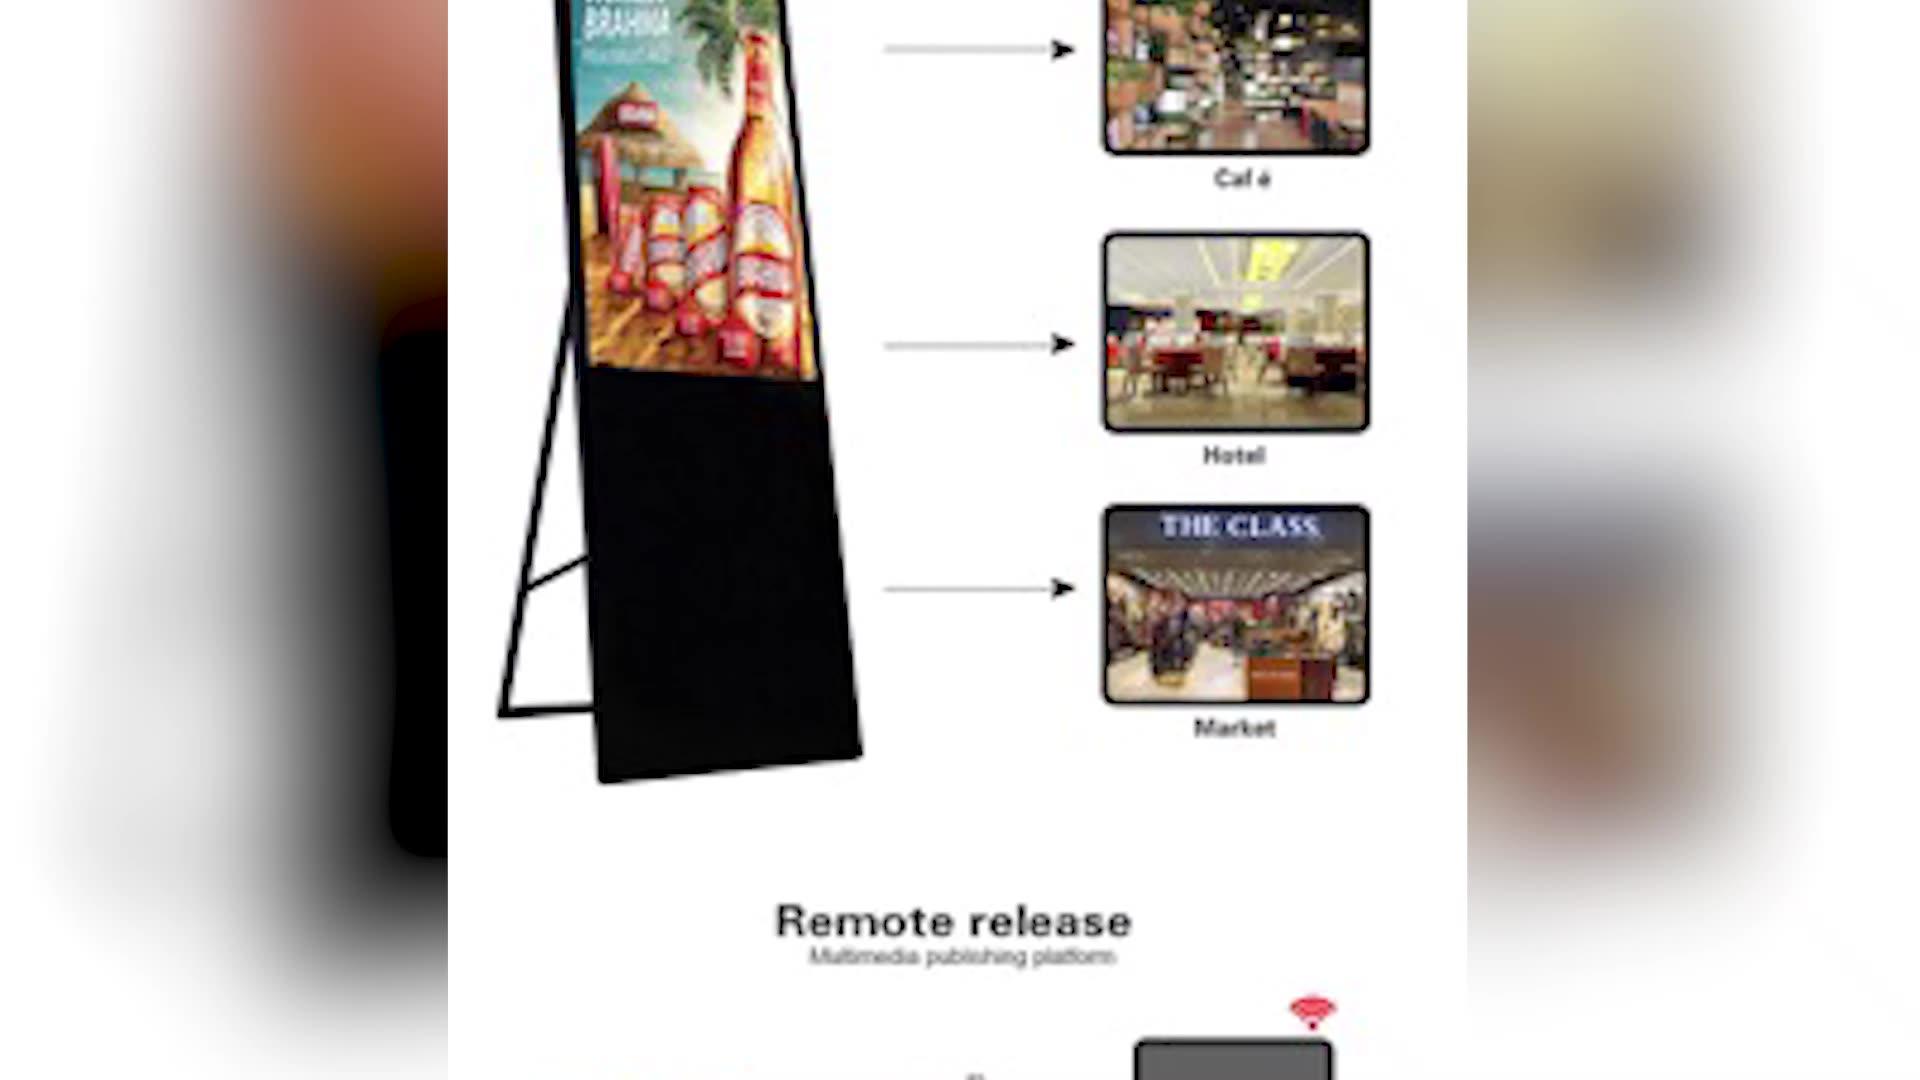 D & Q טלוויזיה-אמיתי 4K HDR אולטרה דק חכם טלוויזיה 65 ''טלוויזיה עבור מלון led טלוויזיה 65 אינץ